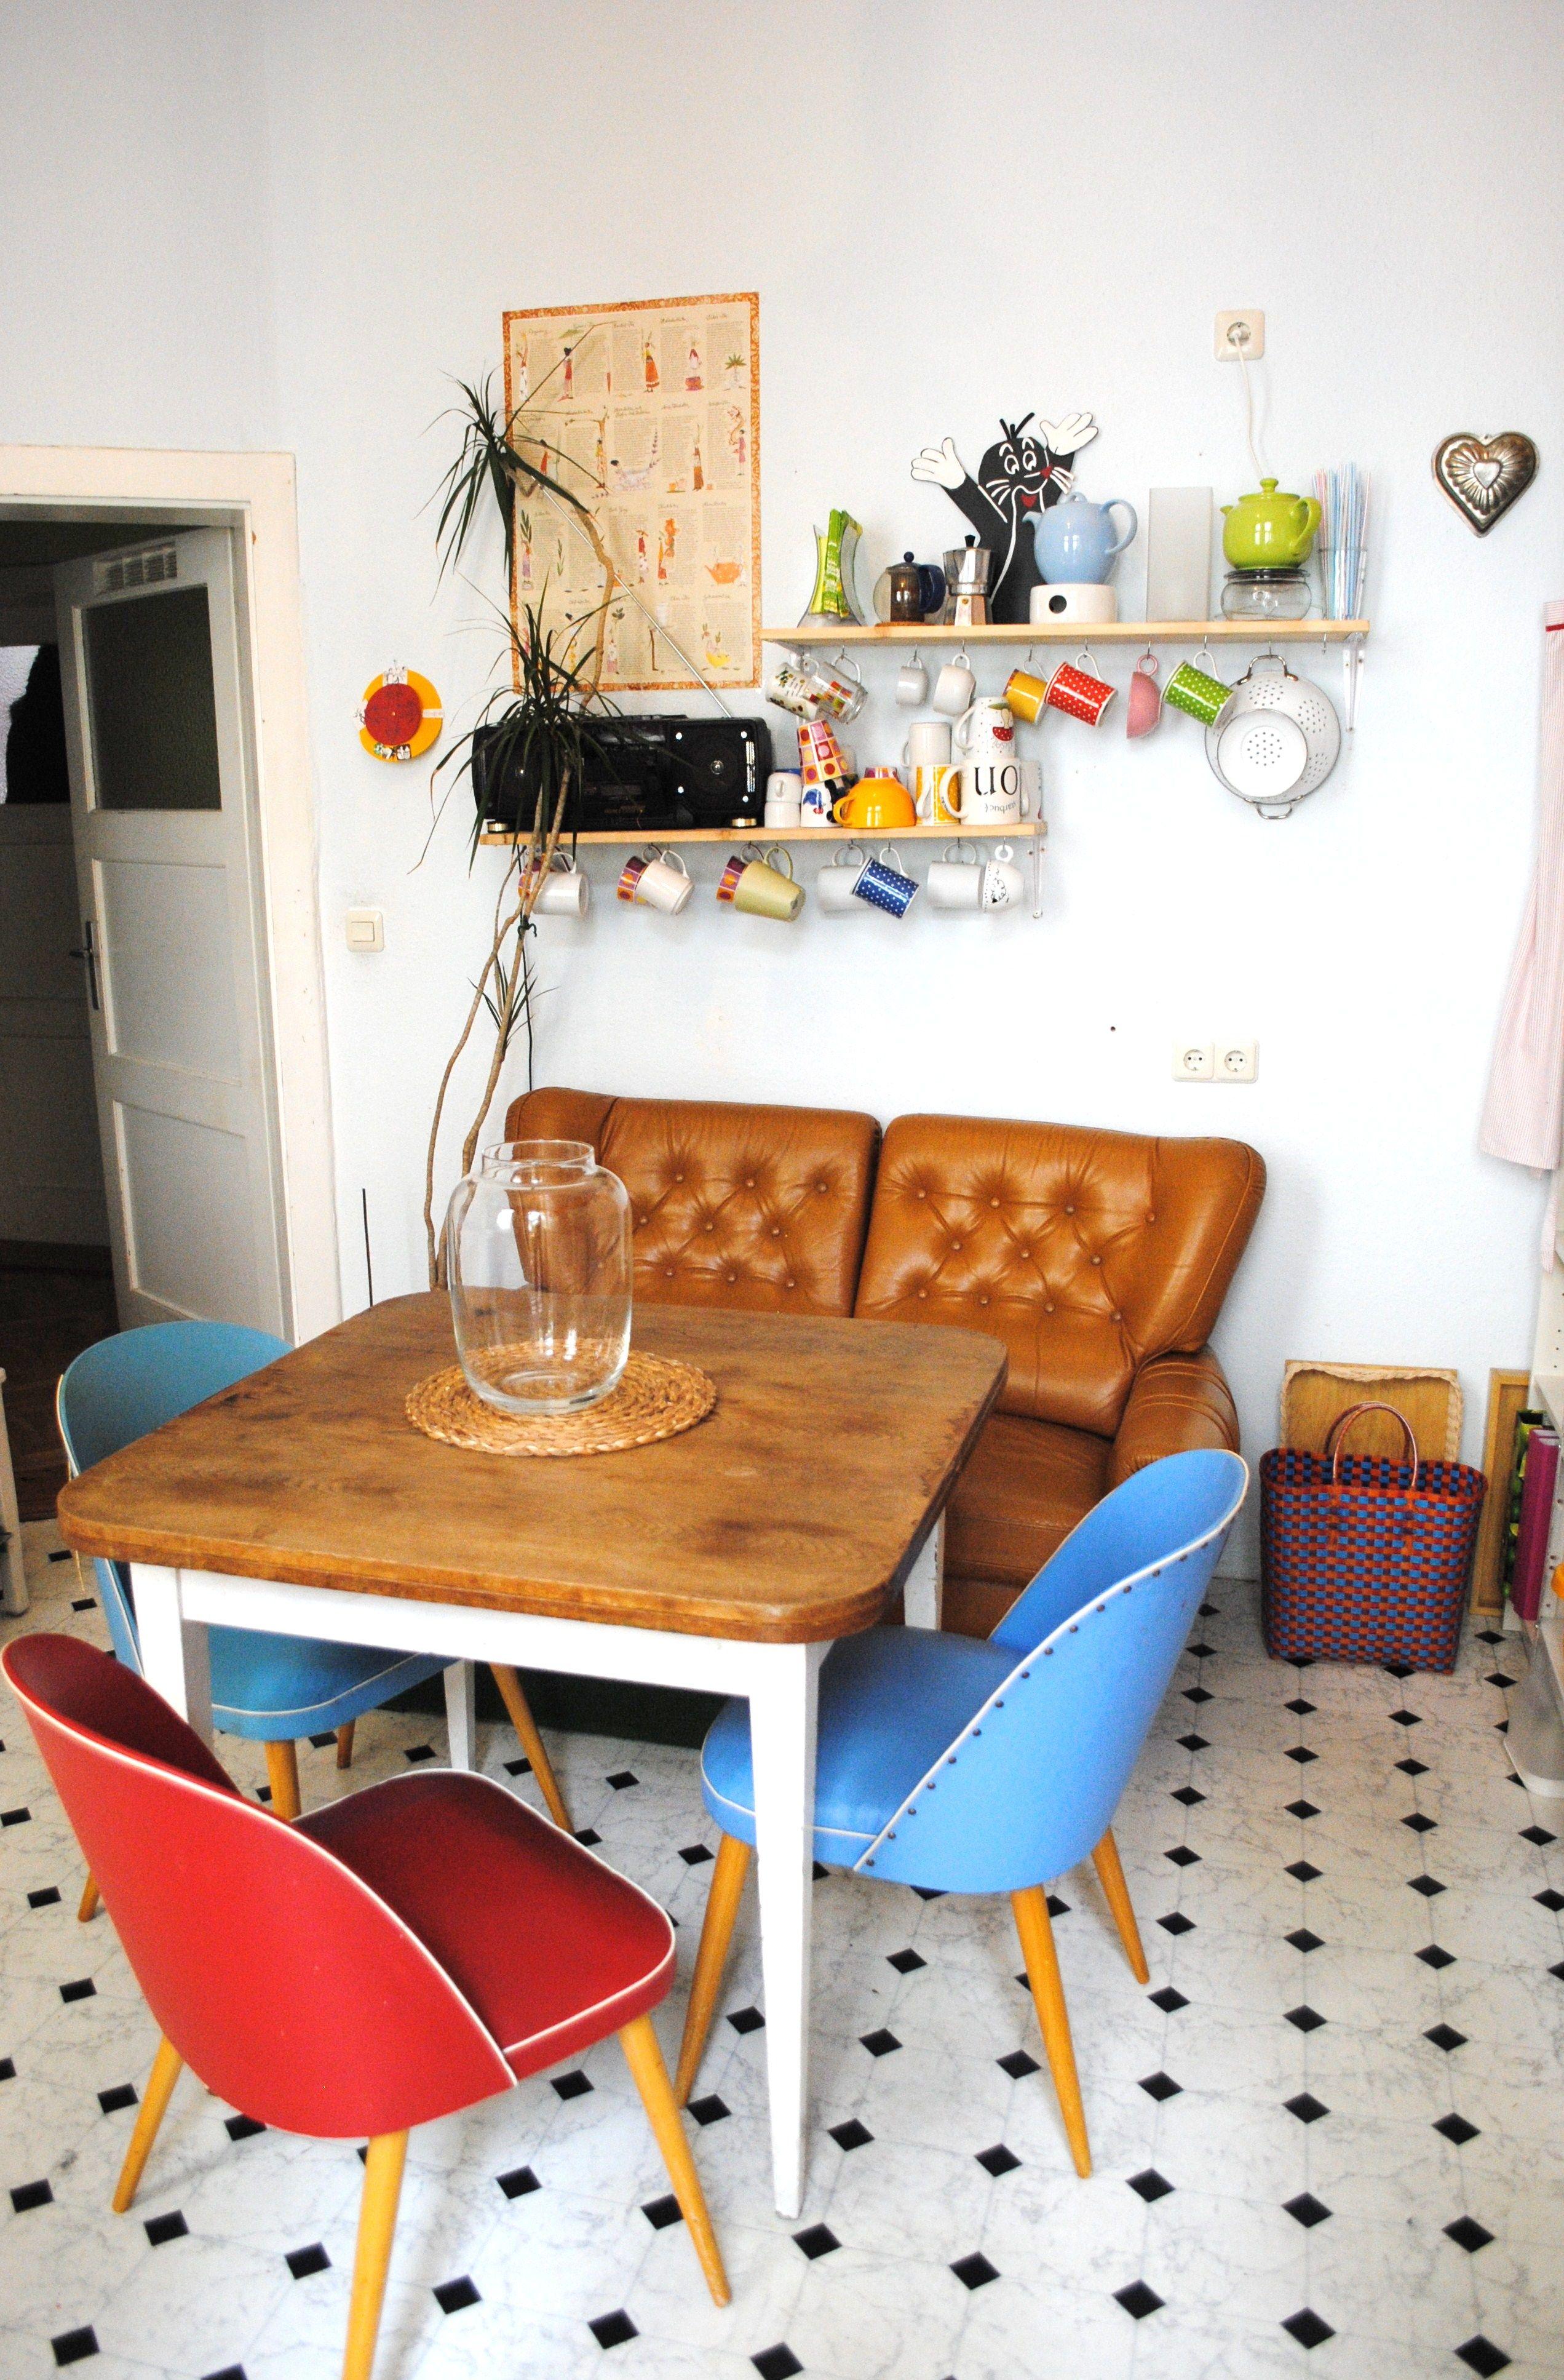 WG-Wohnküche-helle Seite | Pinterest | Rote stühle, Hellblaue wände ...